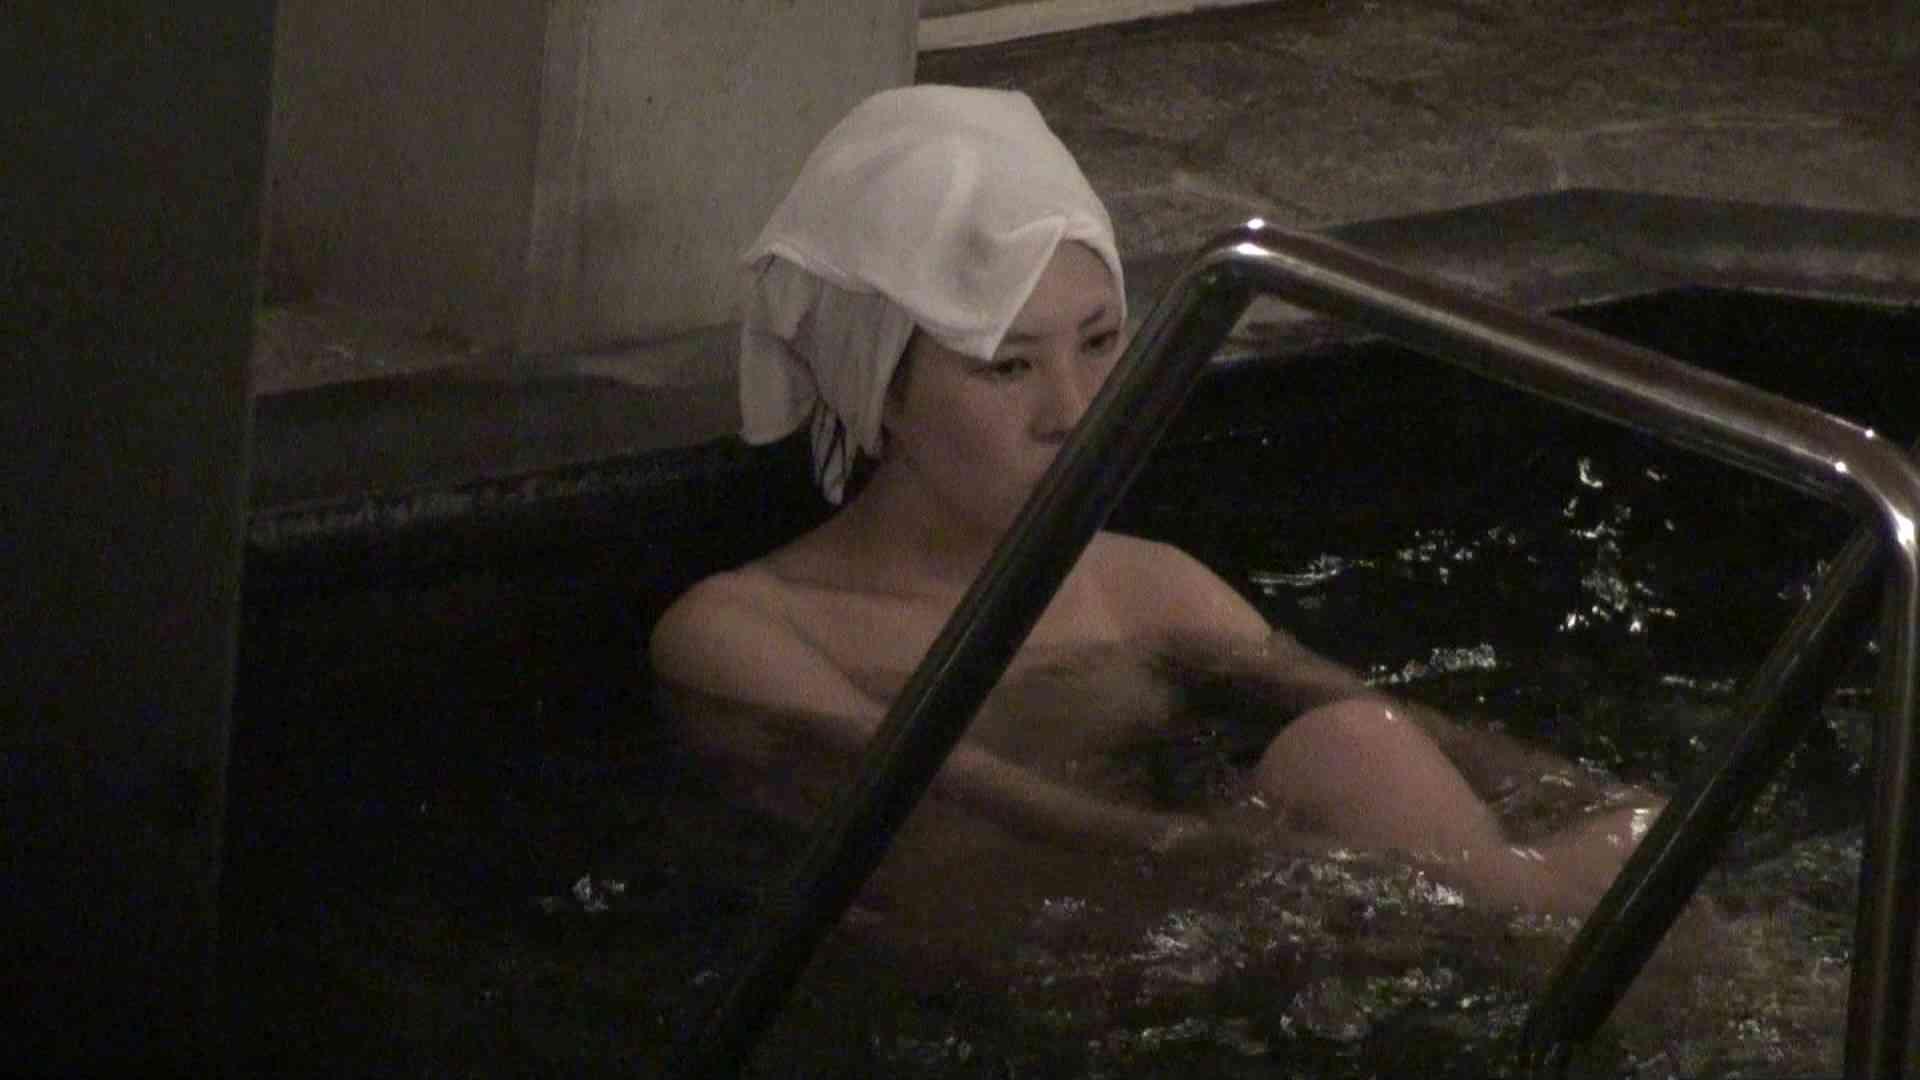 Aquaな露天風呂Vol.358 盗撮シリーズ  104PIX 38